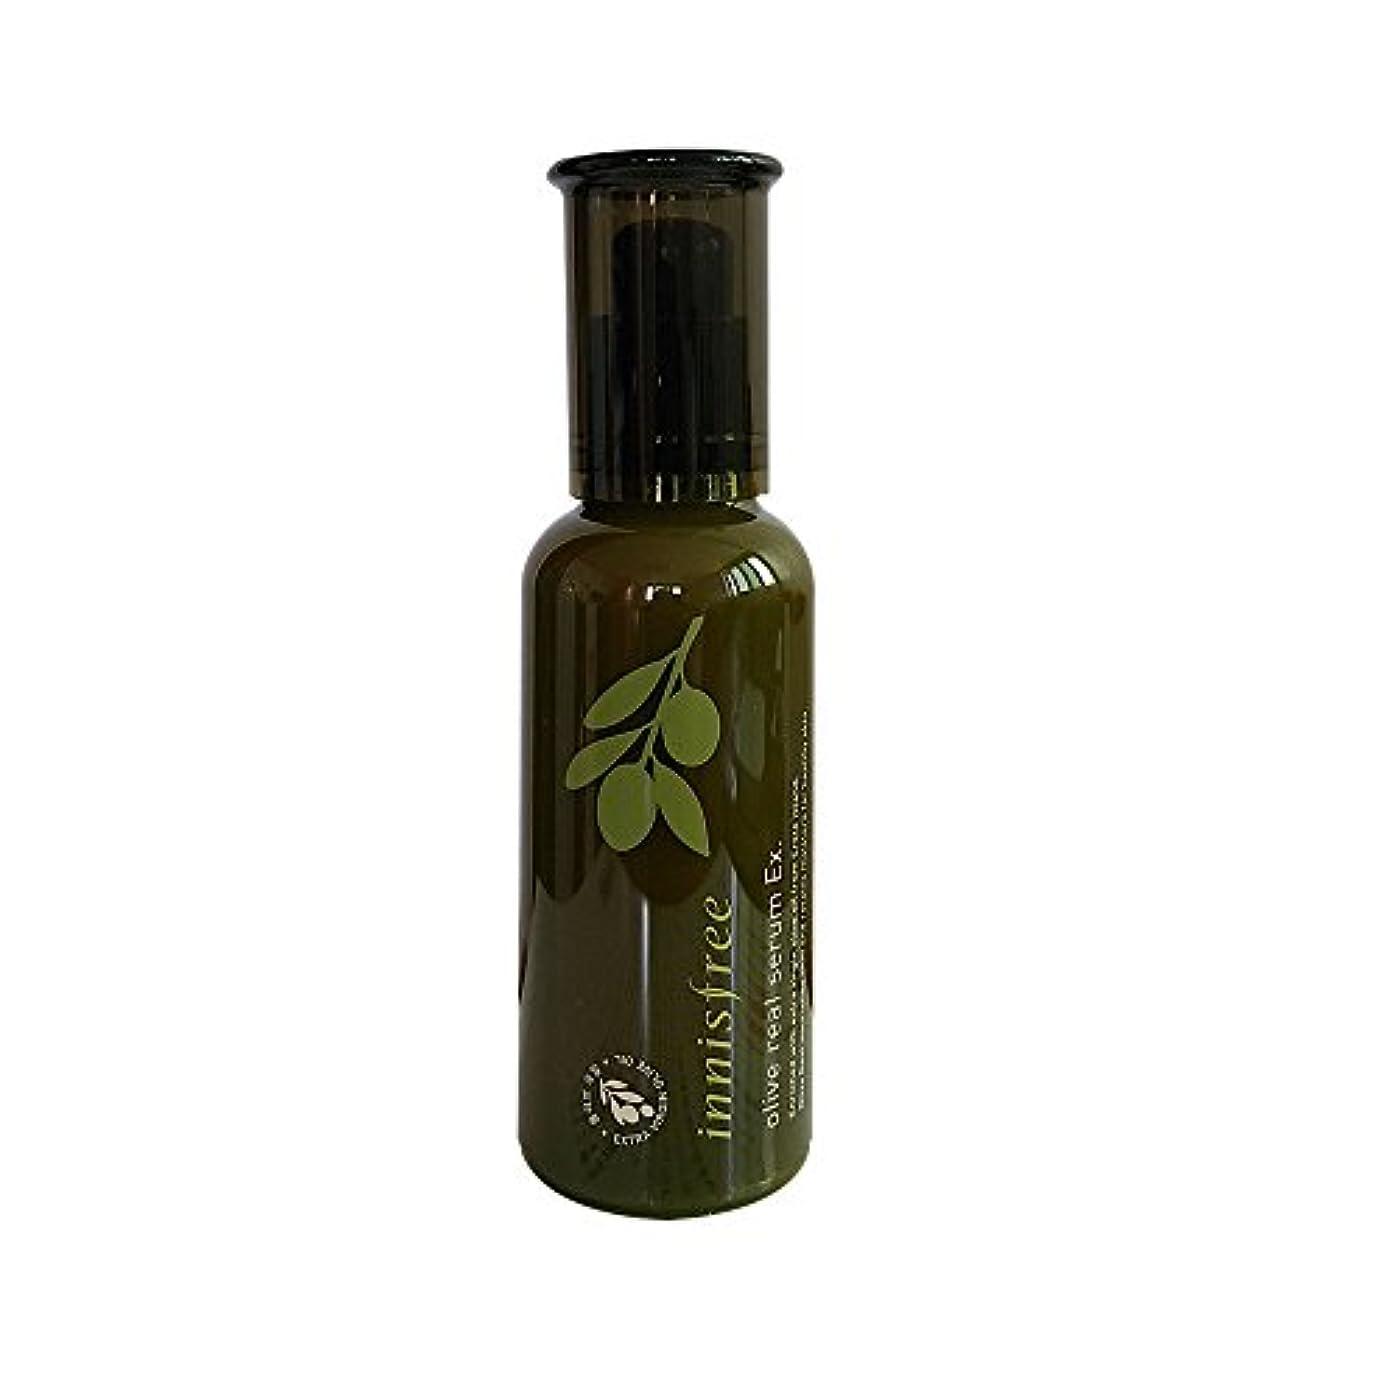 アライアンス終わらせる霧イニスフリー Innisfree オリーブリアルセラム(50ml) Innisfree Olive Real Serum(50ml) [海外直送品]